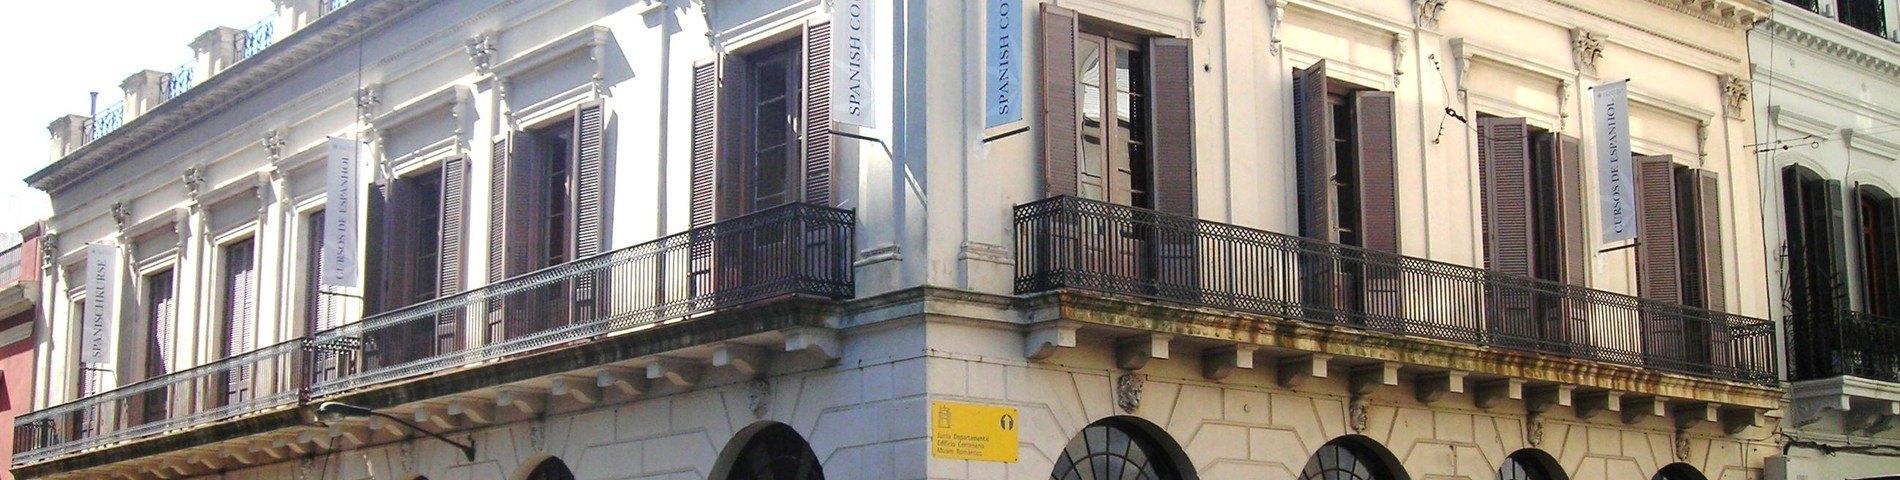 Academia Uruguay billede 1